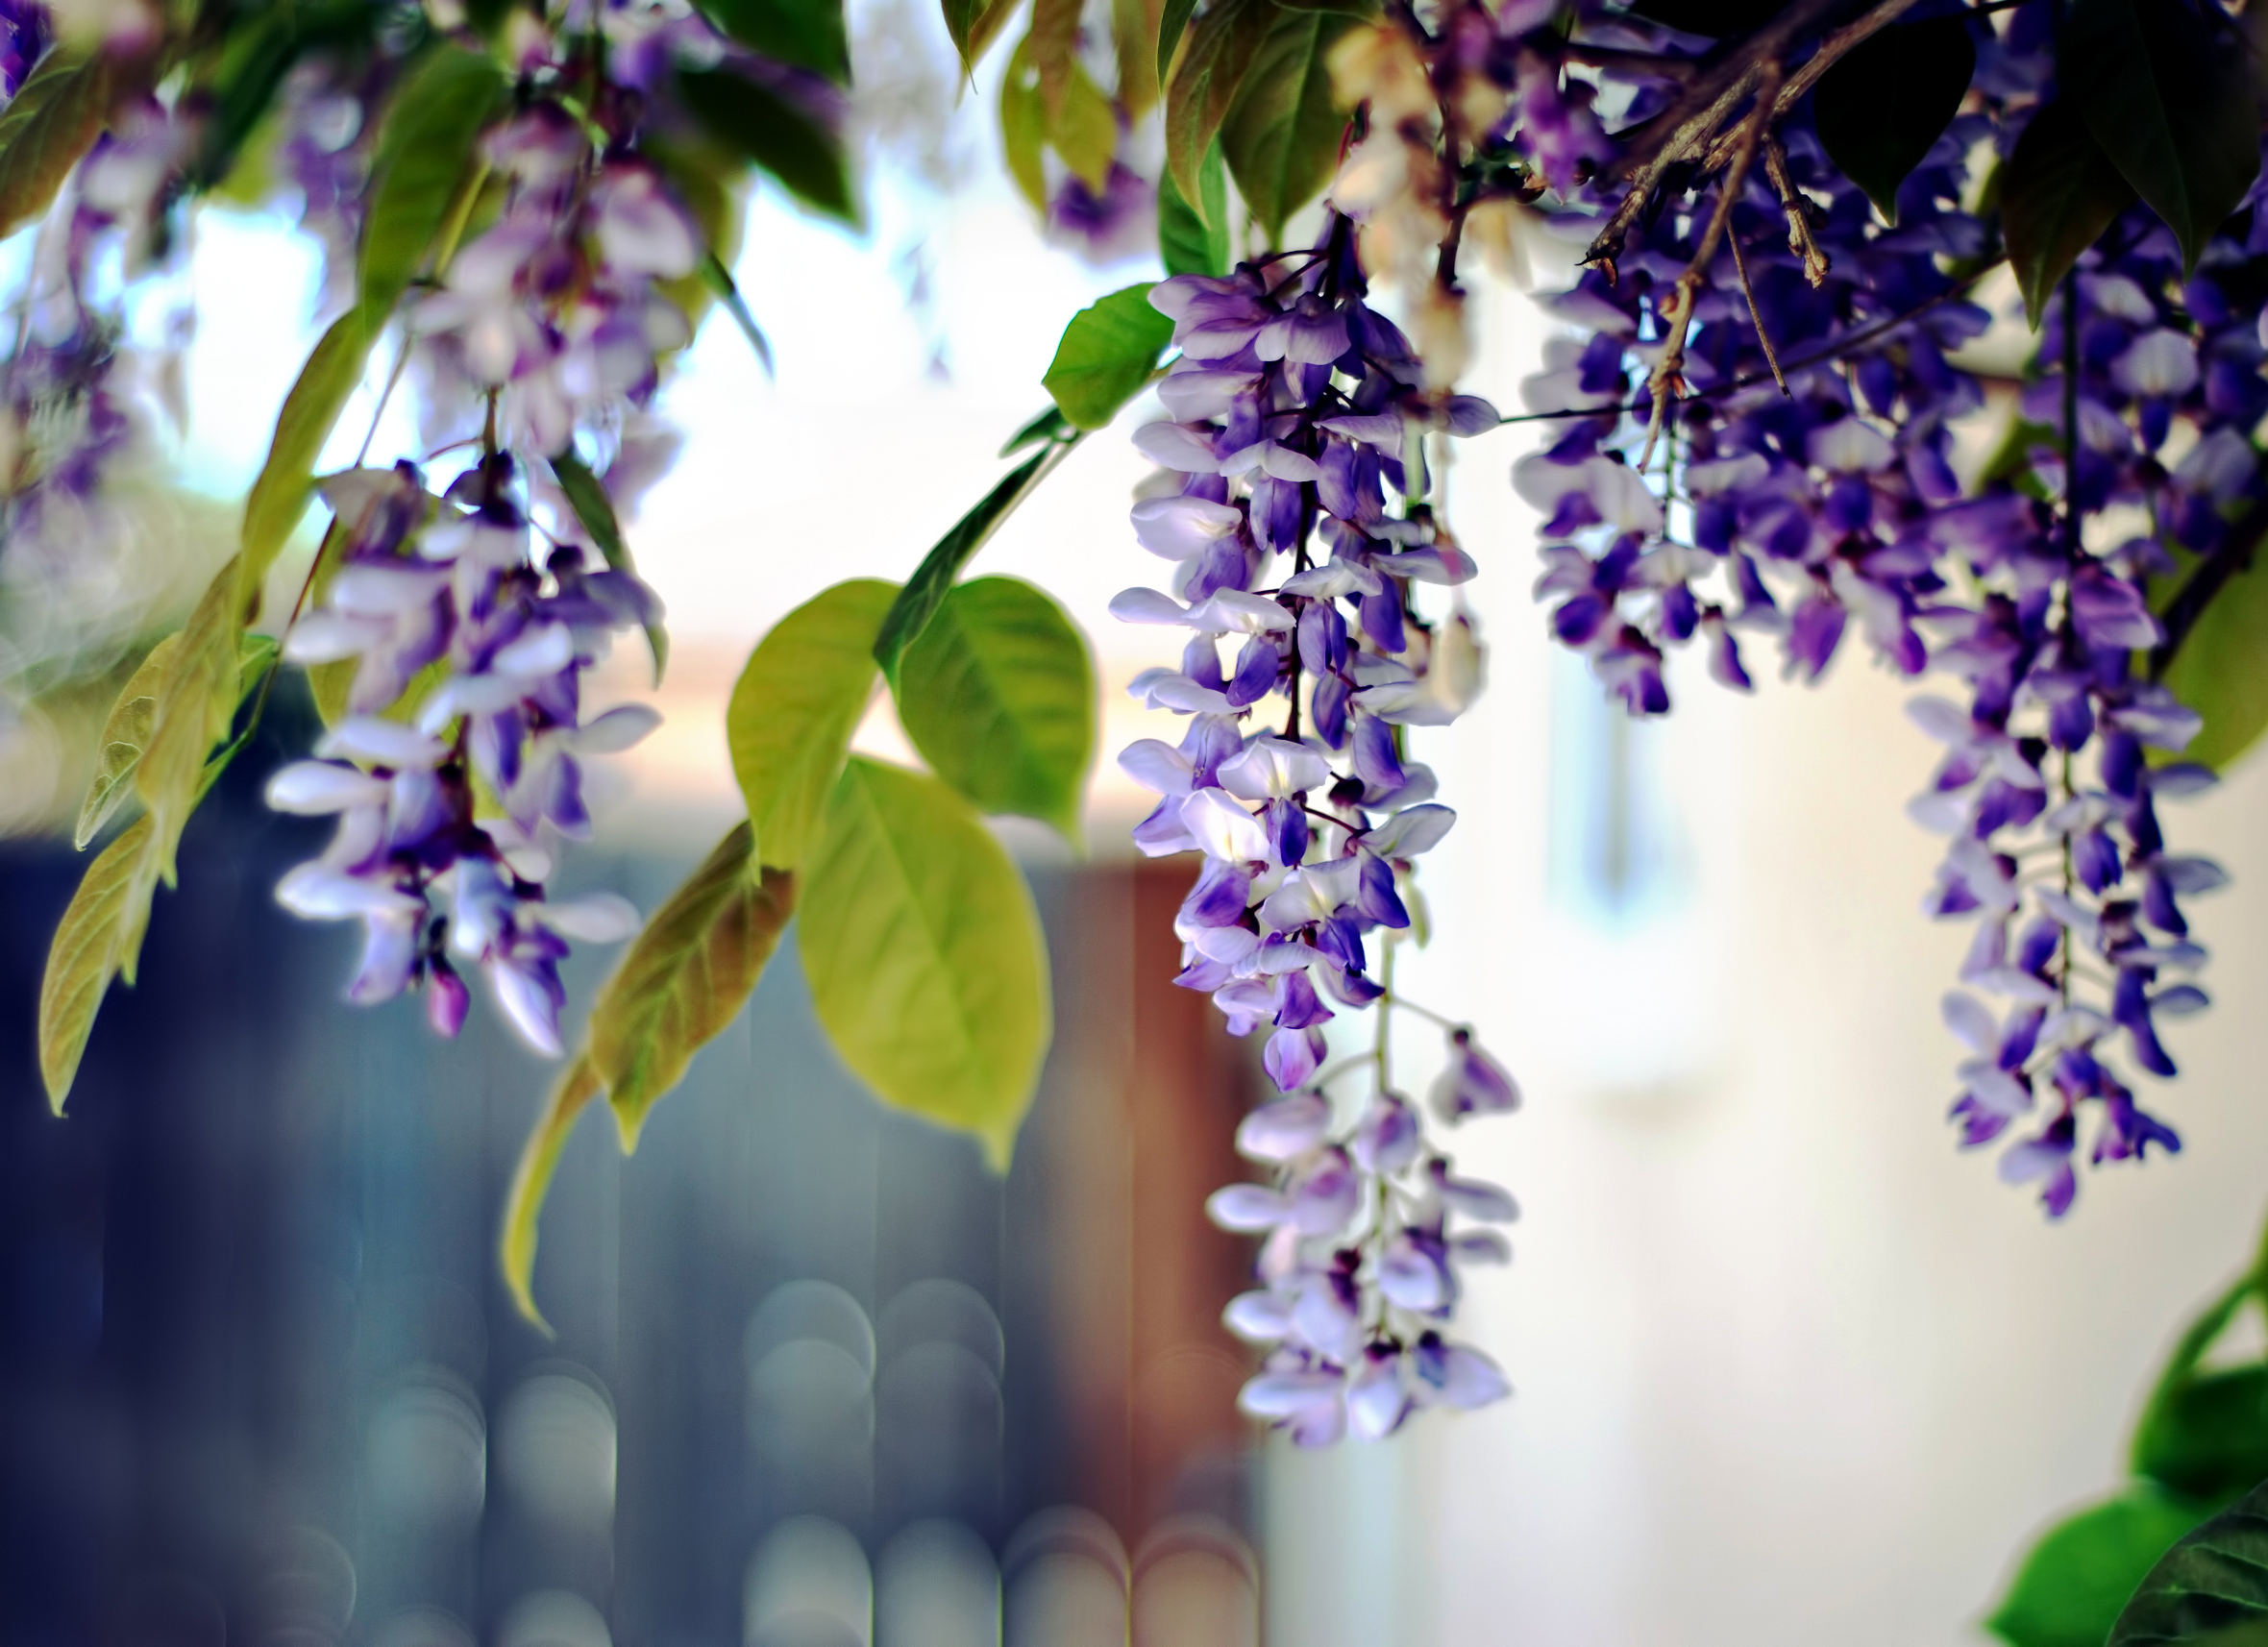 природа цветы листья  № 2053539 загрузить